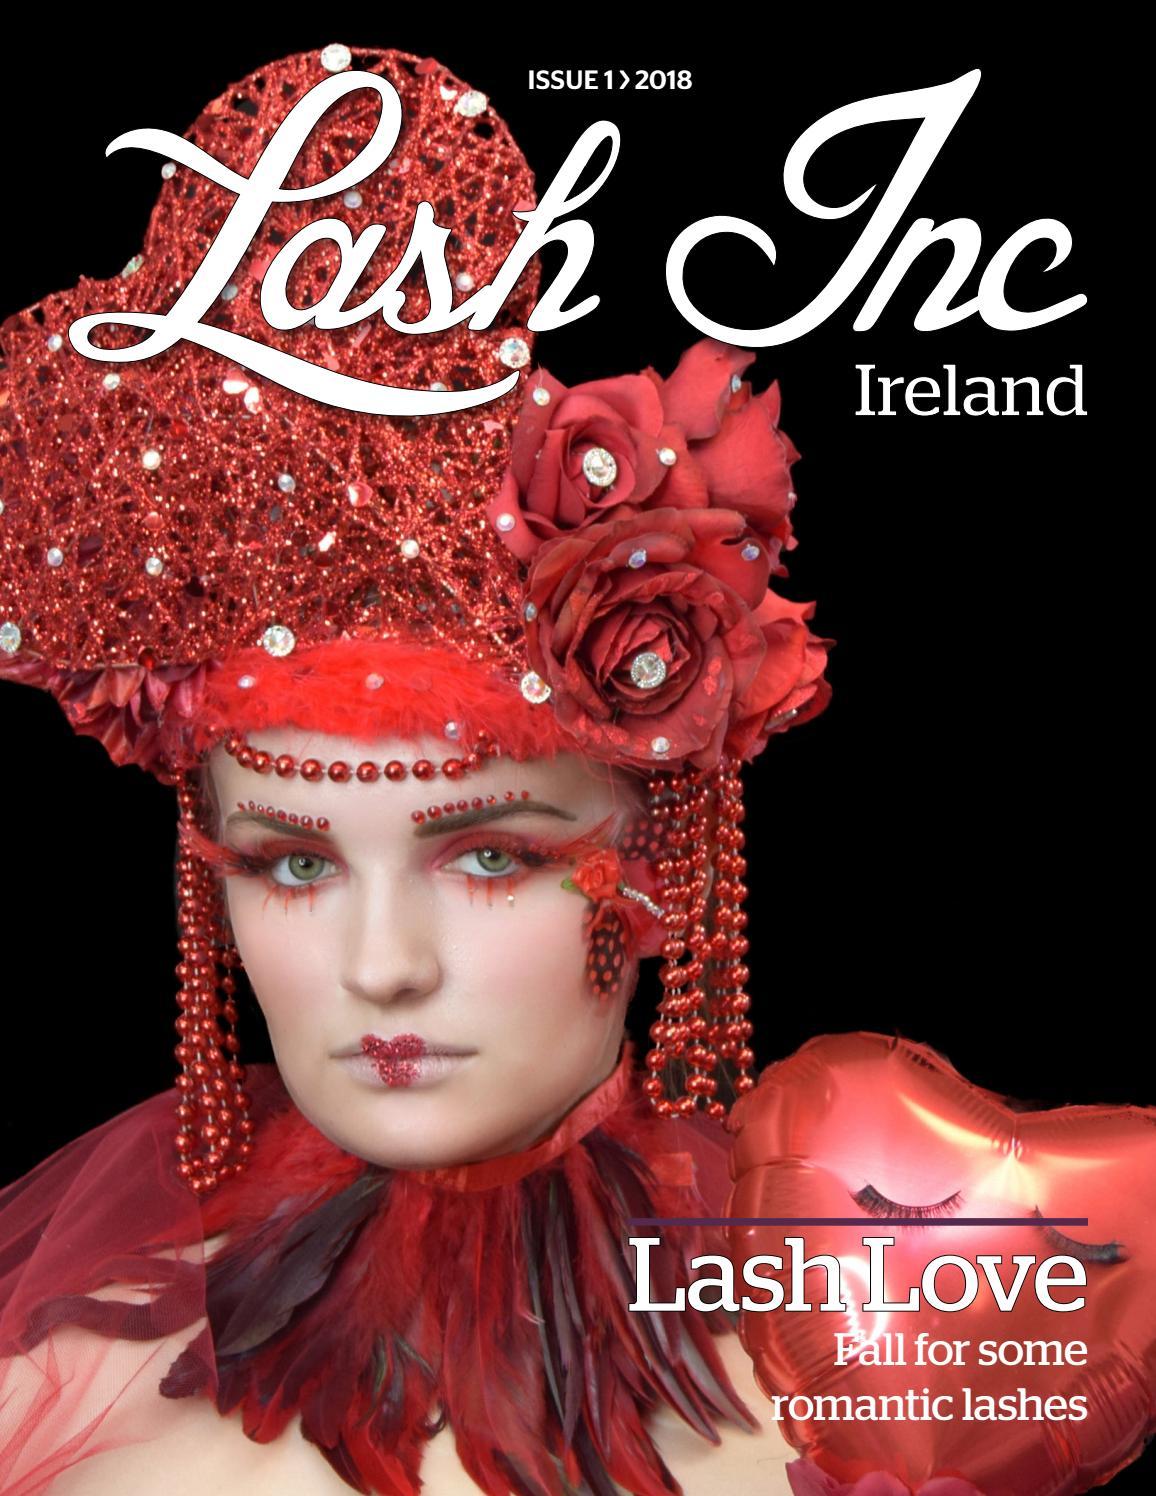 Lash Inc Ireland Issue 1 2018 By Chrysalis House Publishing Issuu